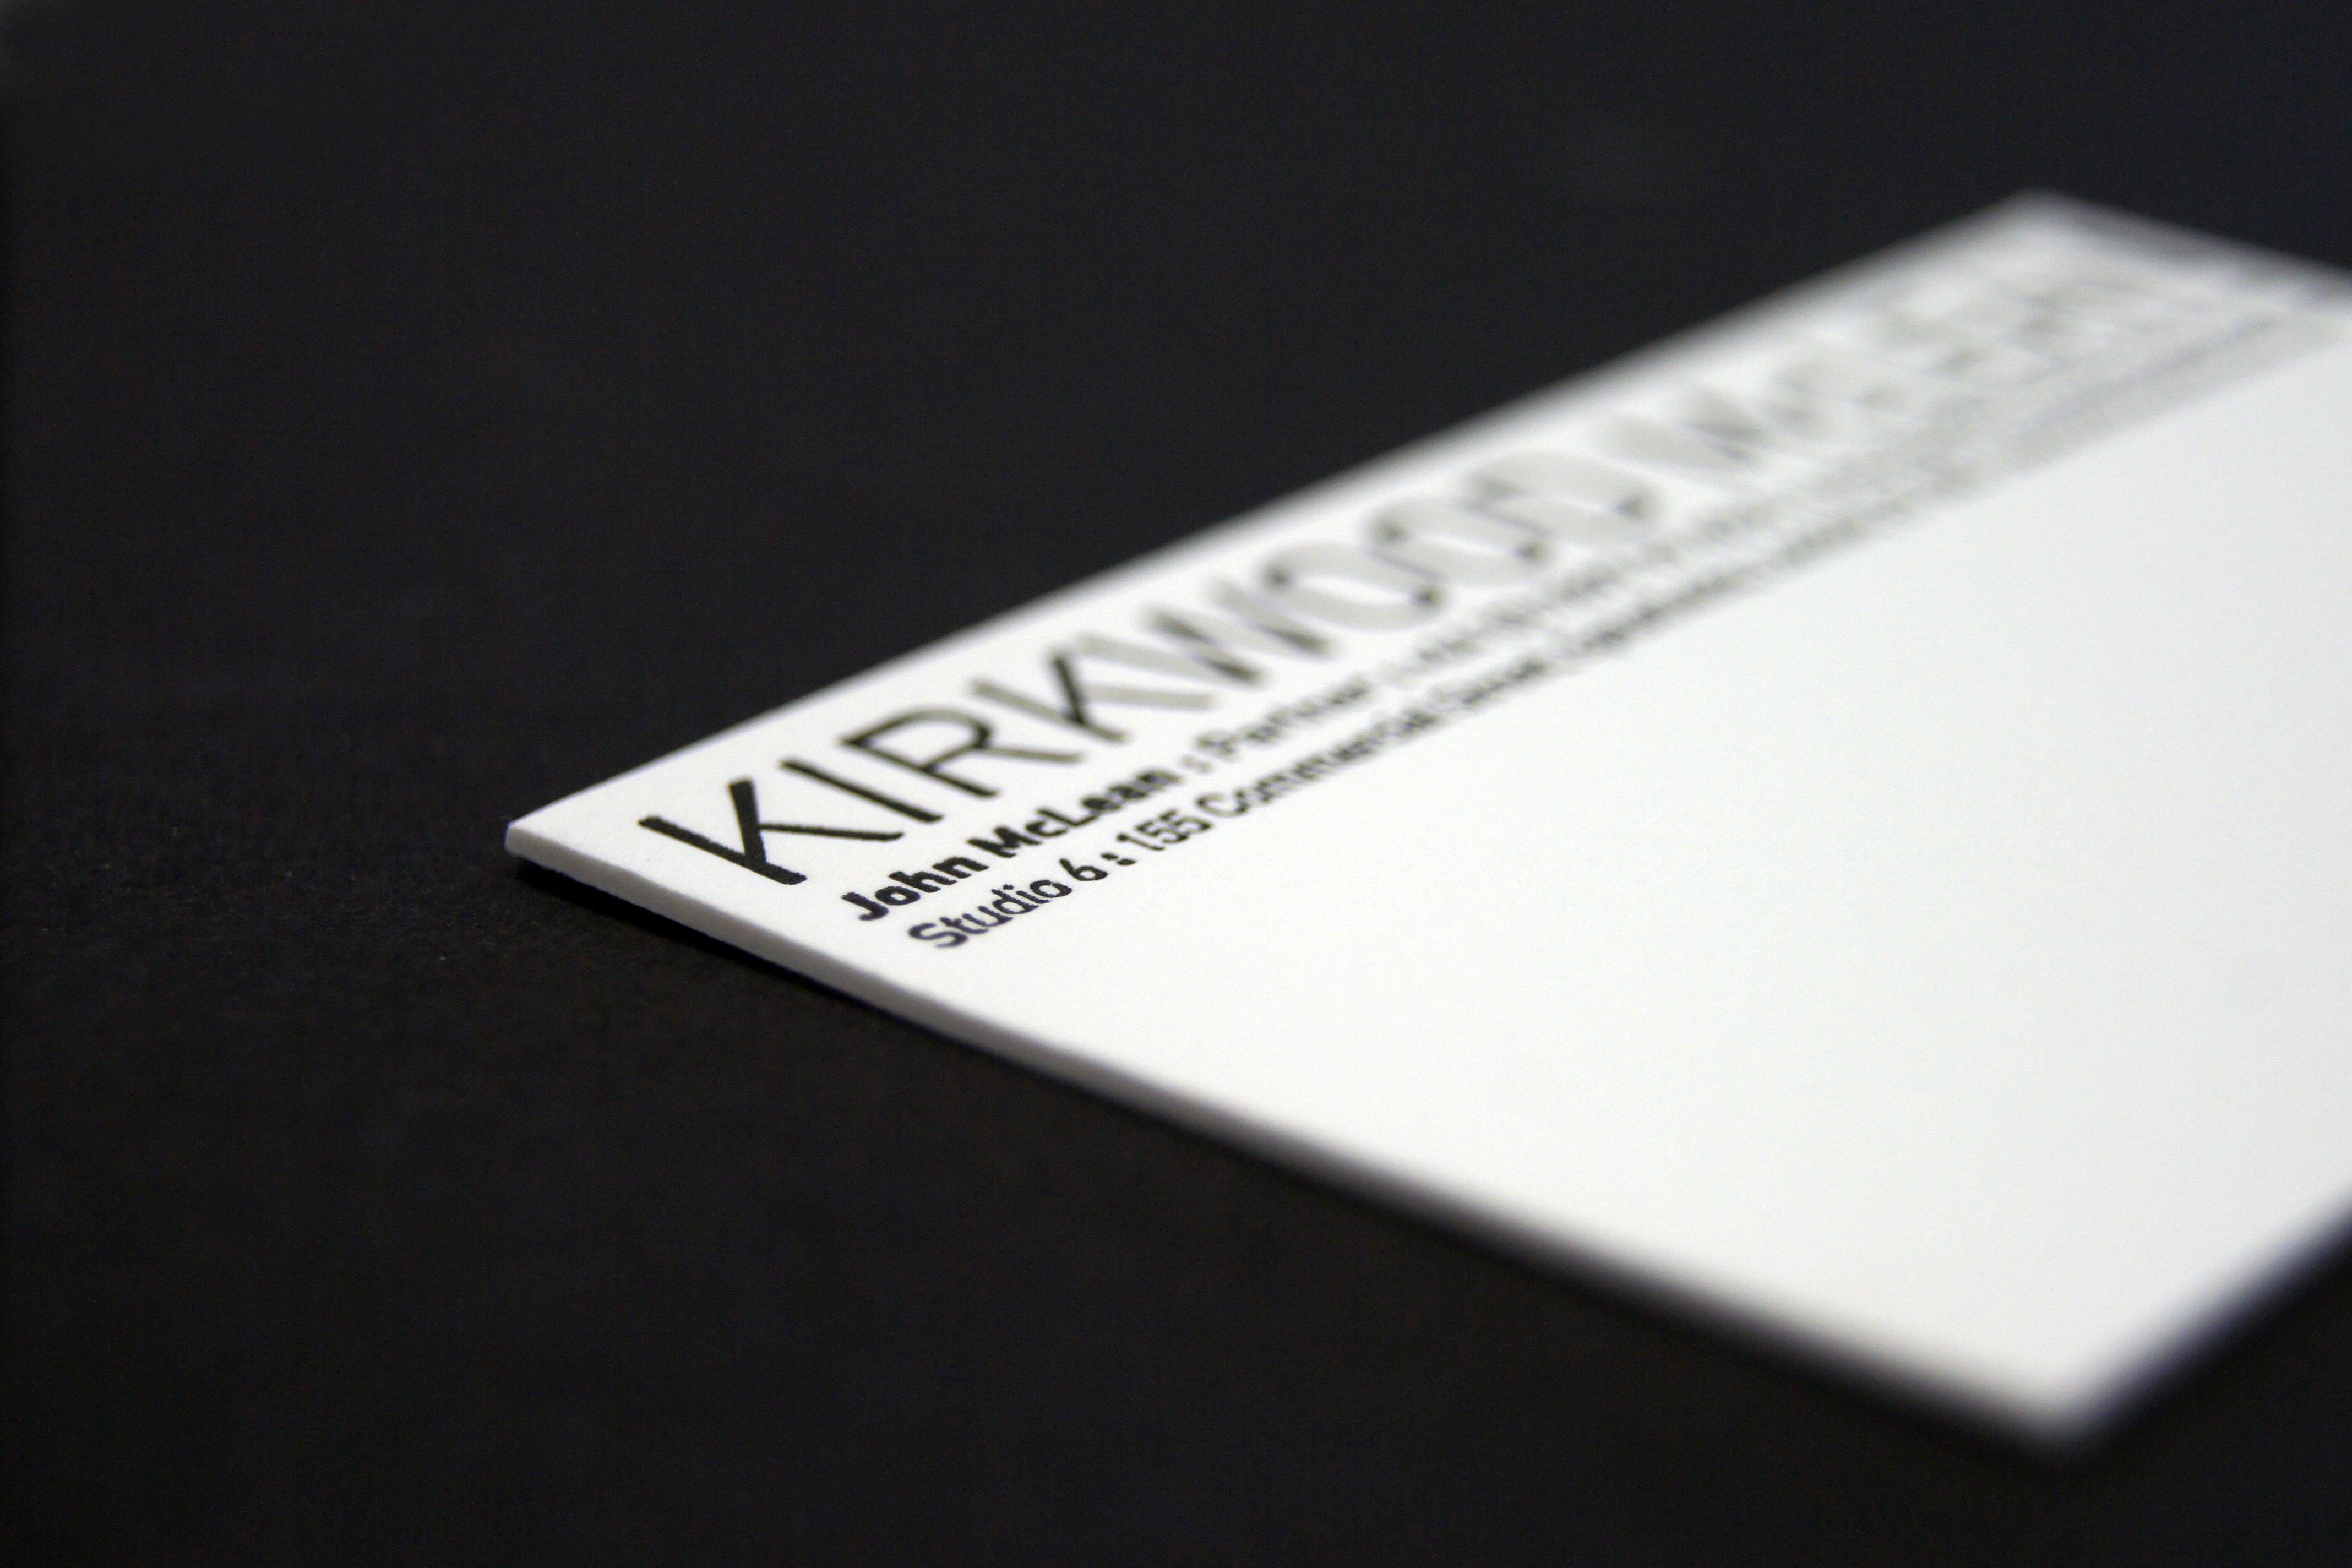 Kirkwood McLean cards